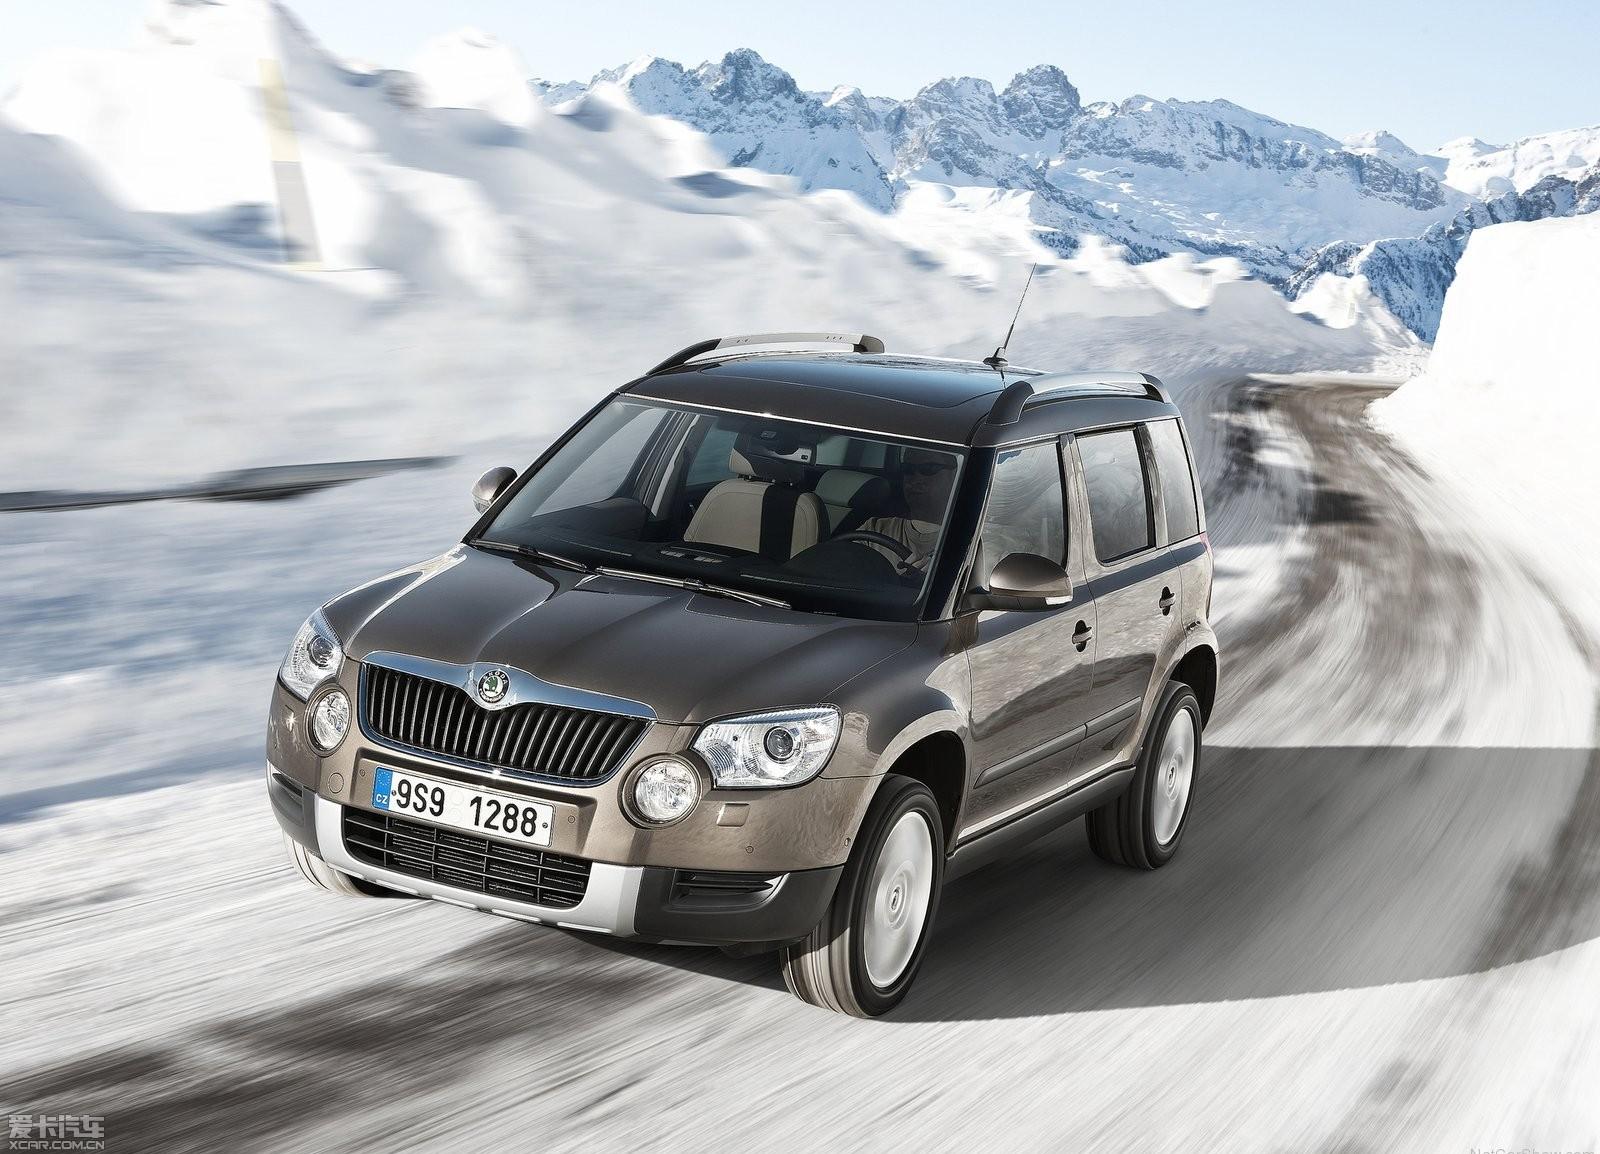 日内瓦发布 斯柯达将重点打造SUV车型_新闻画